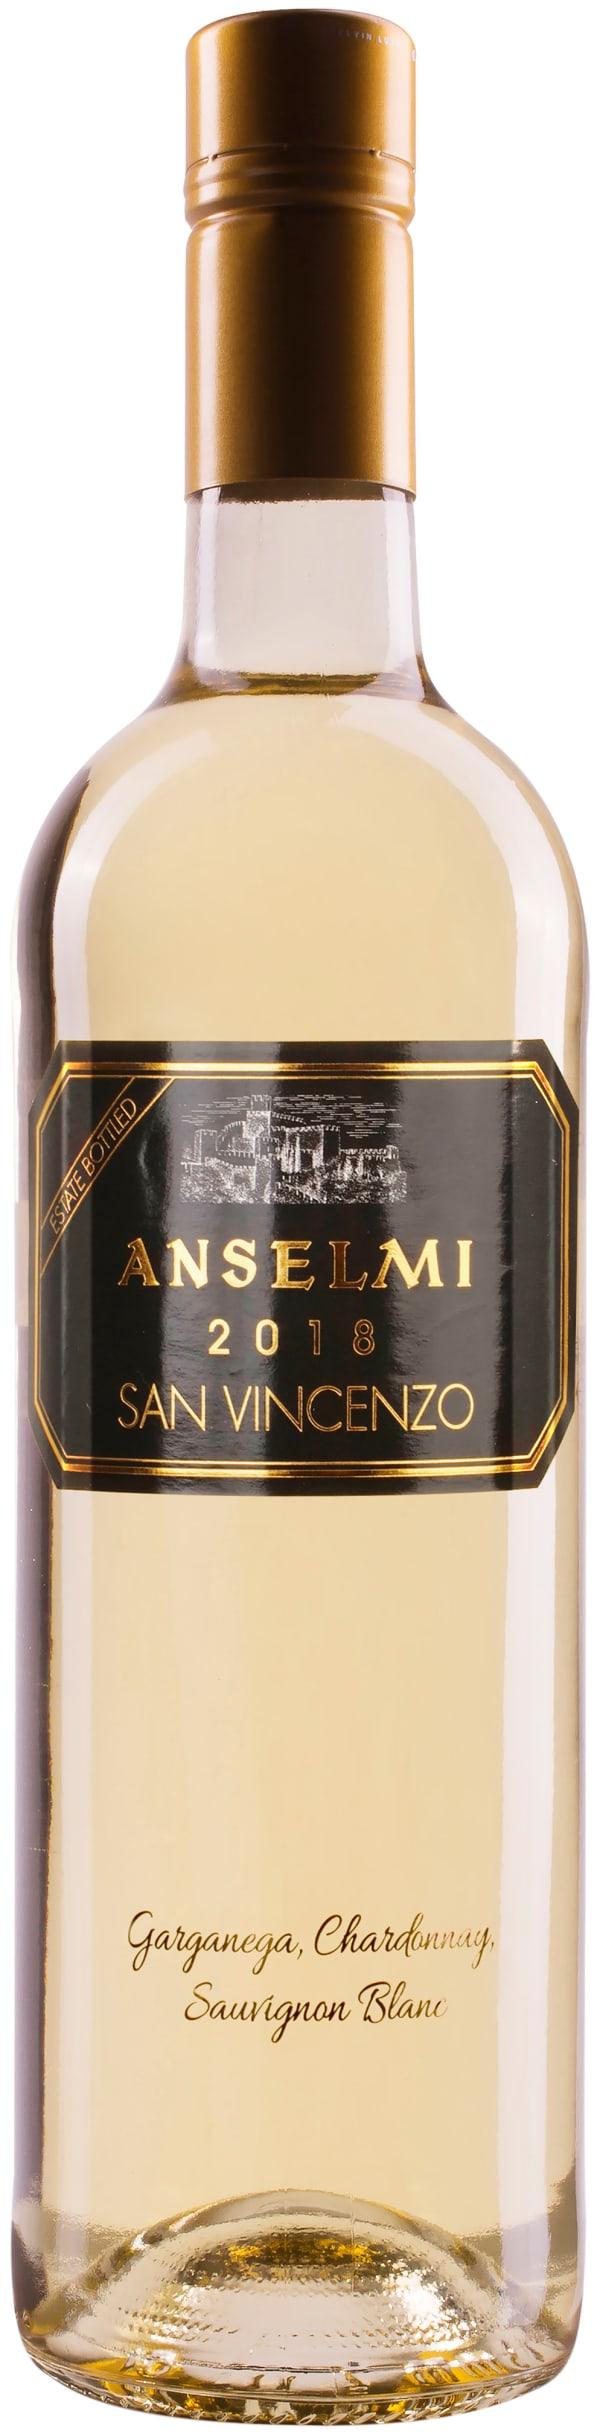 Anselmi San Vincenzo 2017